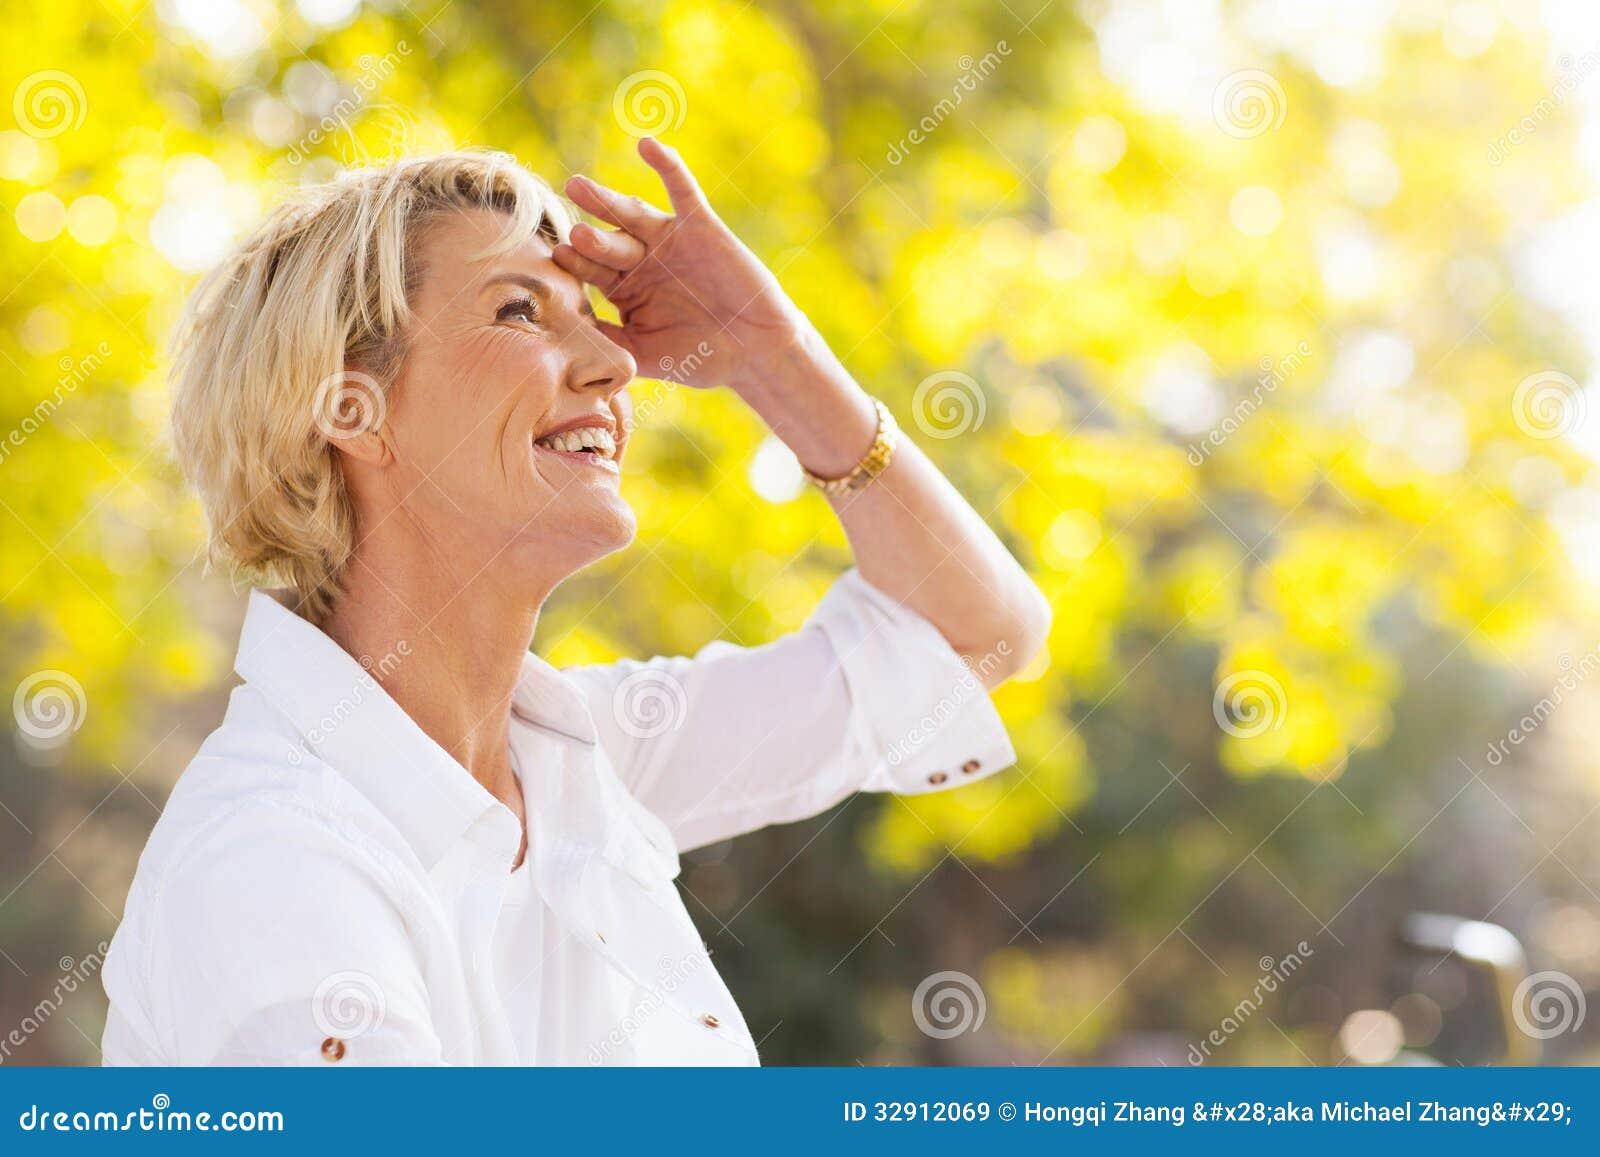 Зрелая женщина в желтом фото 736-863